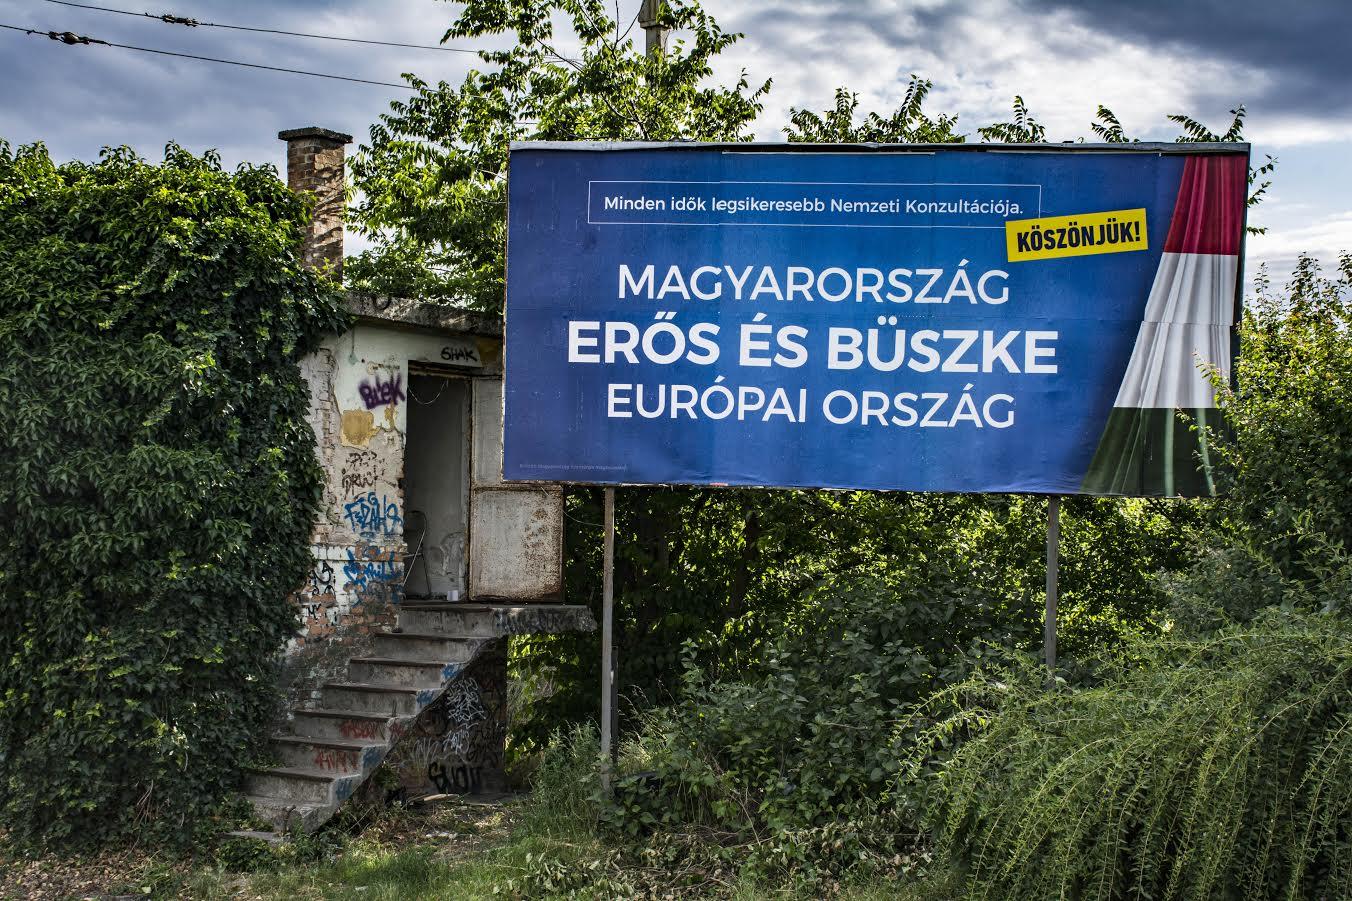 Magyarország erős és büszke európai ország, viszont az egyik legszegényebb is az EU-ban